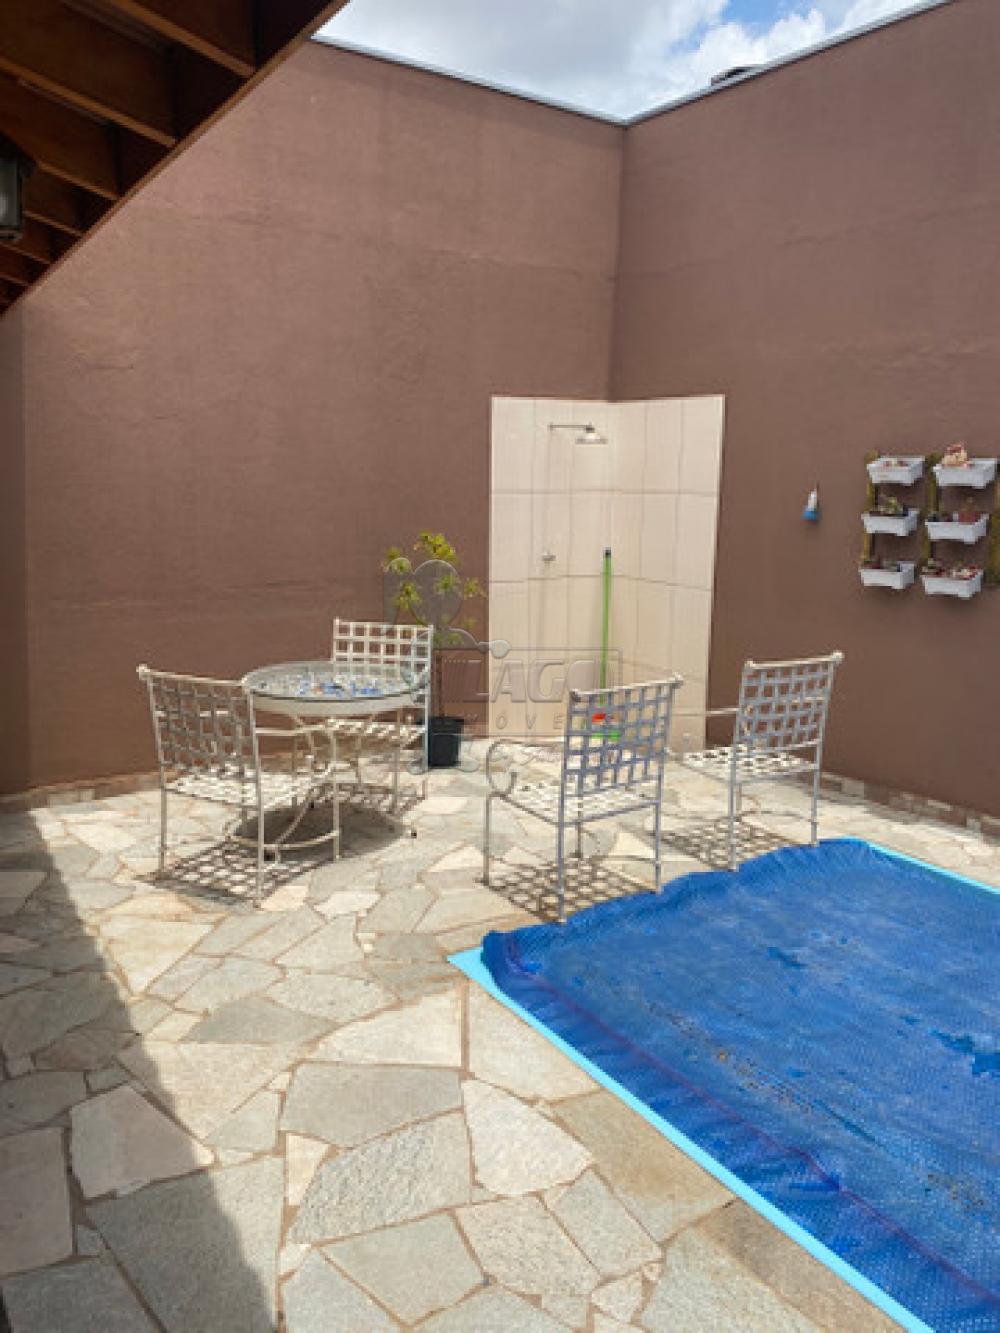 Comprar Casas / Padrão em Ribeirão Preto apenas R$ 415.000,00 - Foto 9